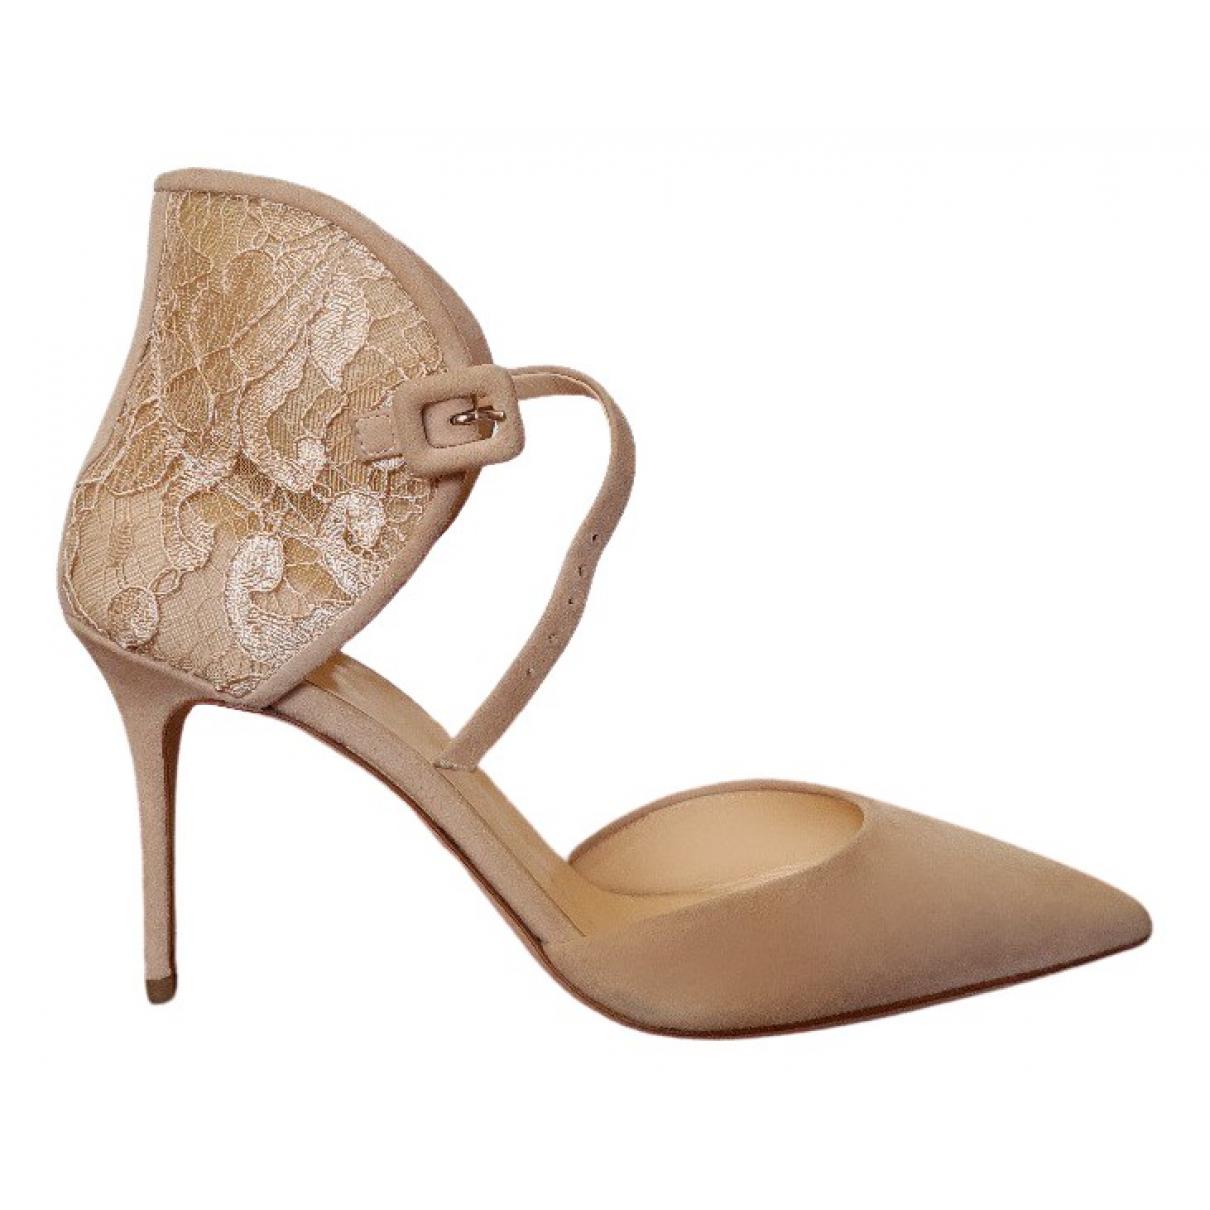 Giuseppe Zanotti \N Beige Suede Heels for Women 38 IT